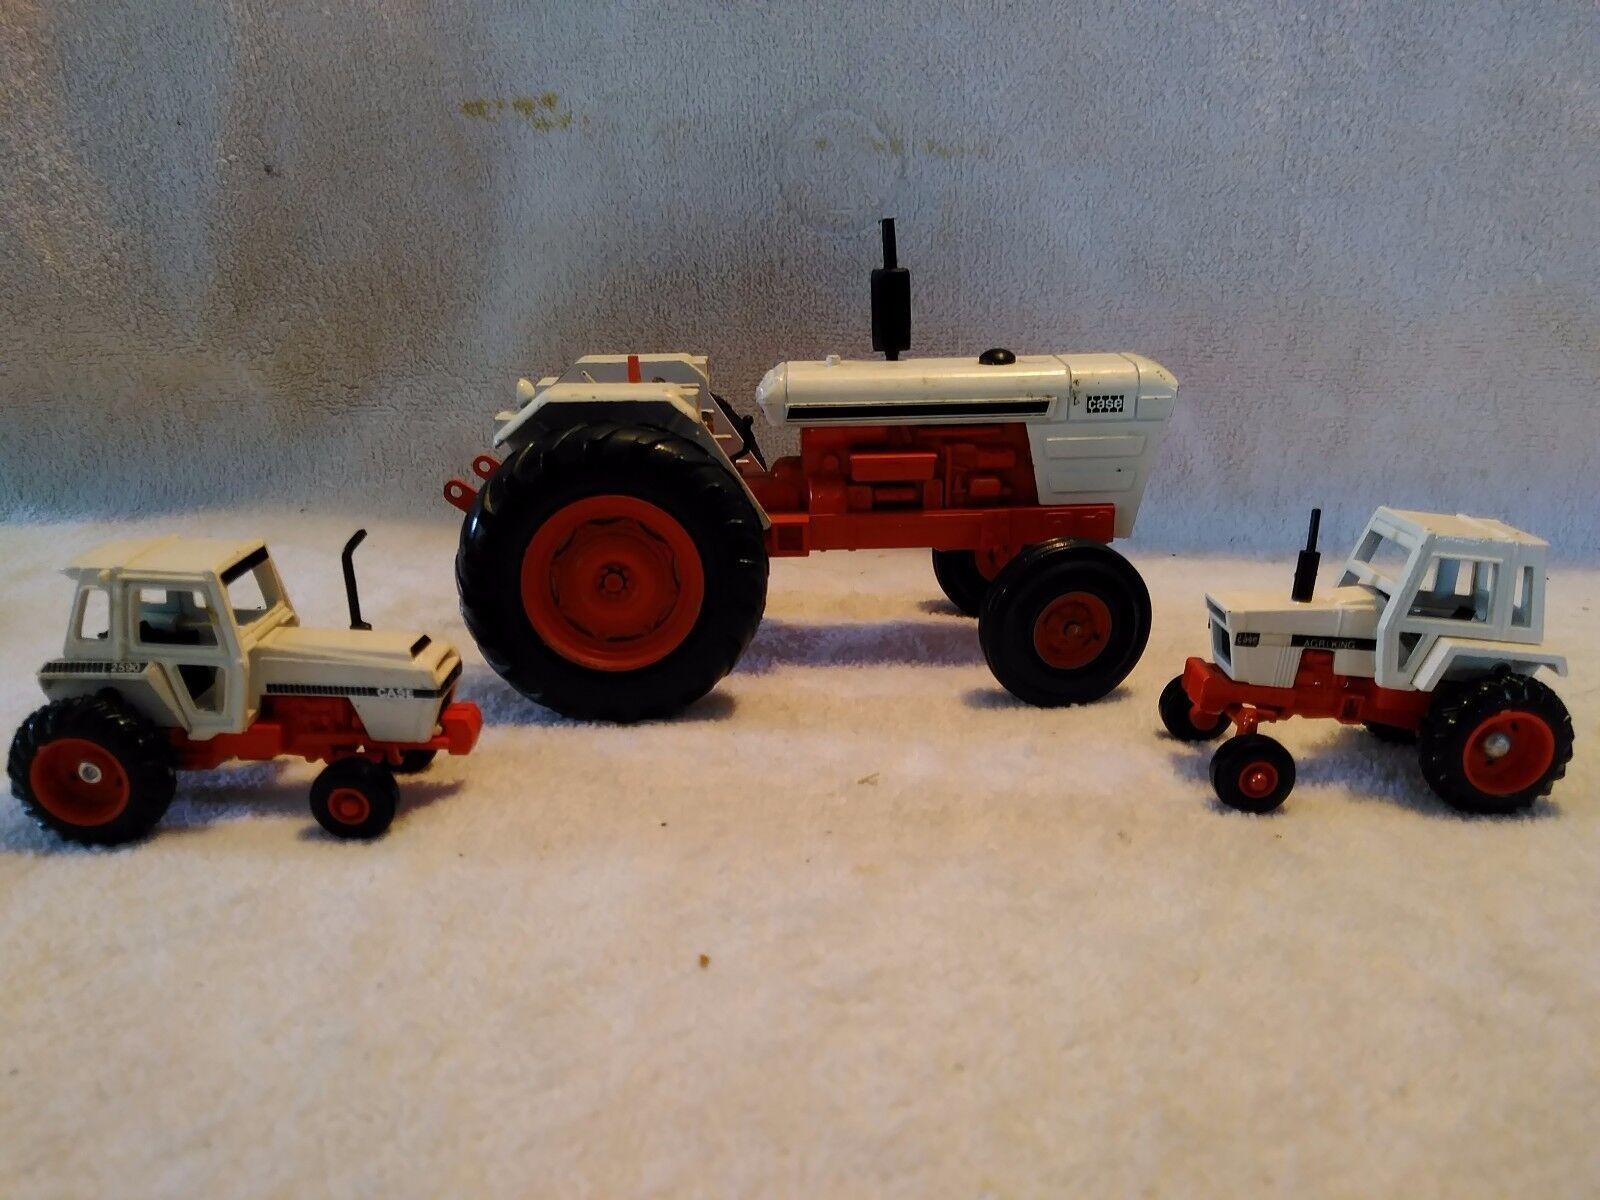 3 Case tracteur CASE agro-King, Case 2590, et CASE échelle 1 25 NZG AG tracteur